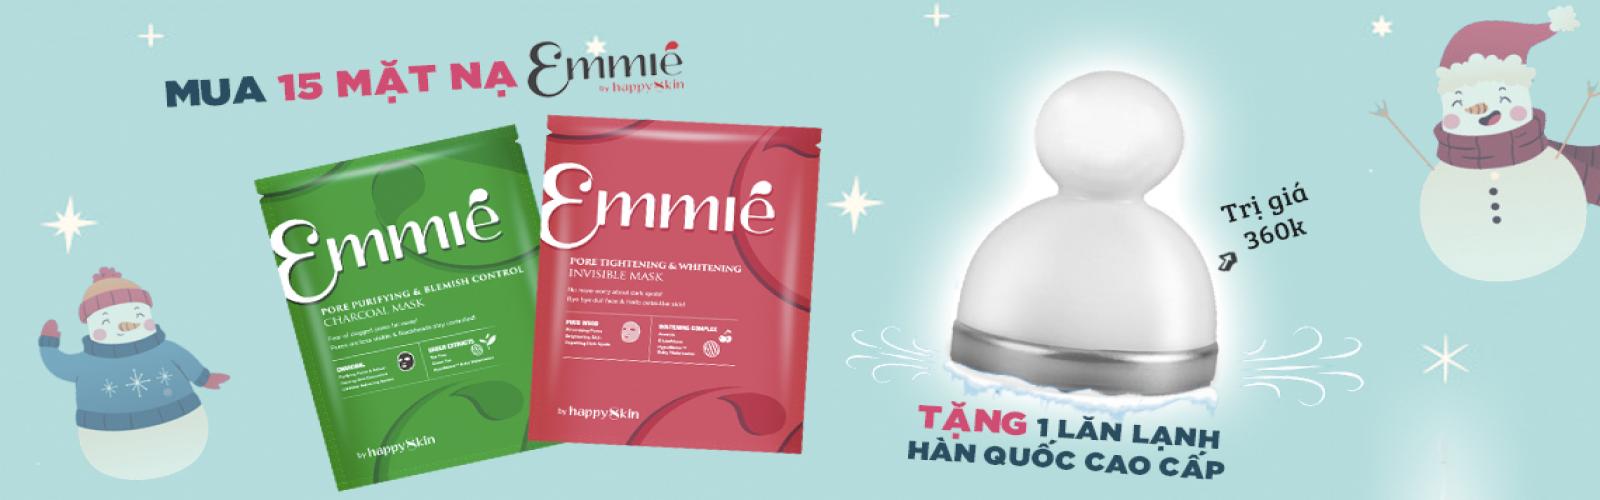 Mua 15 mặt nạ Emmie tặng 1 lăn lạnh Hàn Quốc cao cấp